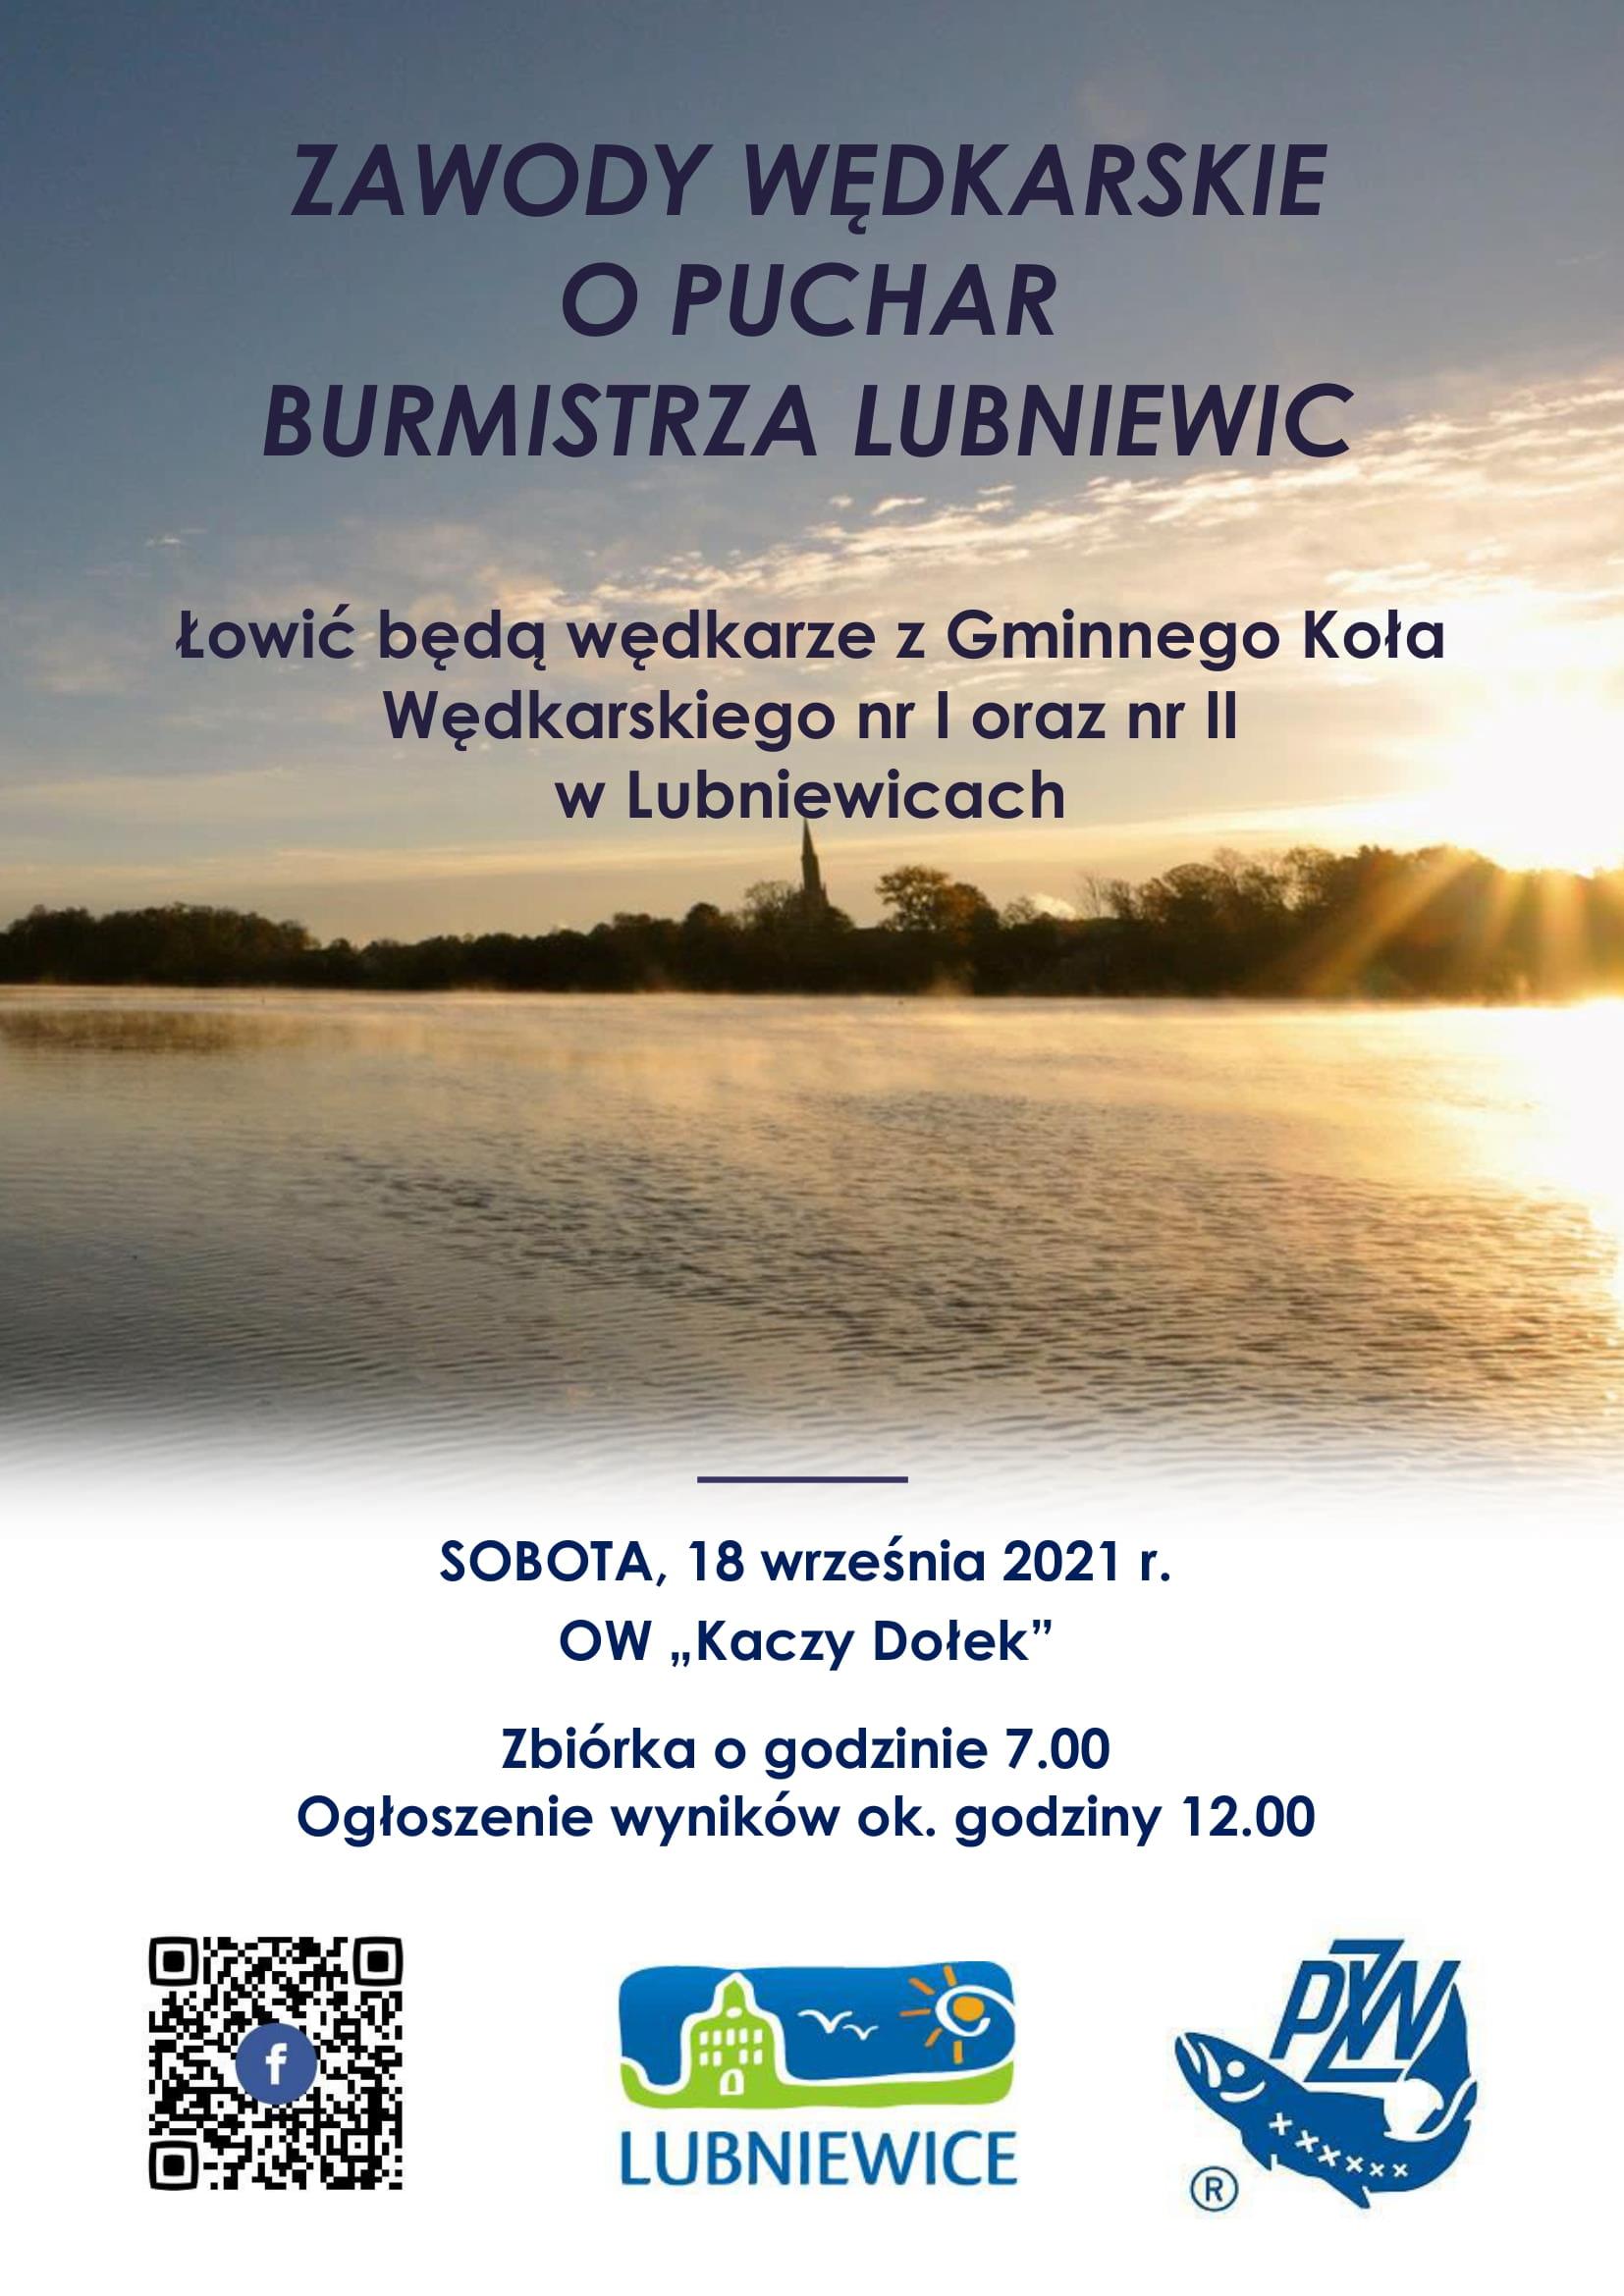 zawody-wędkarskie-lubniewice-2021-lubniewice